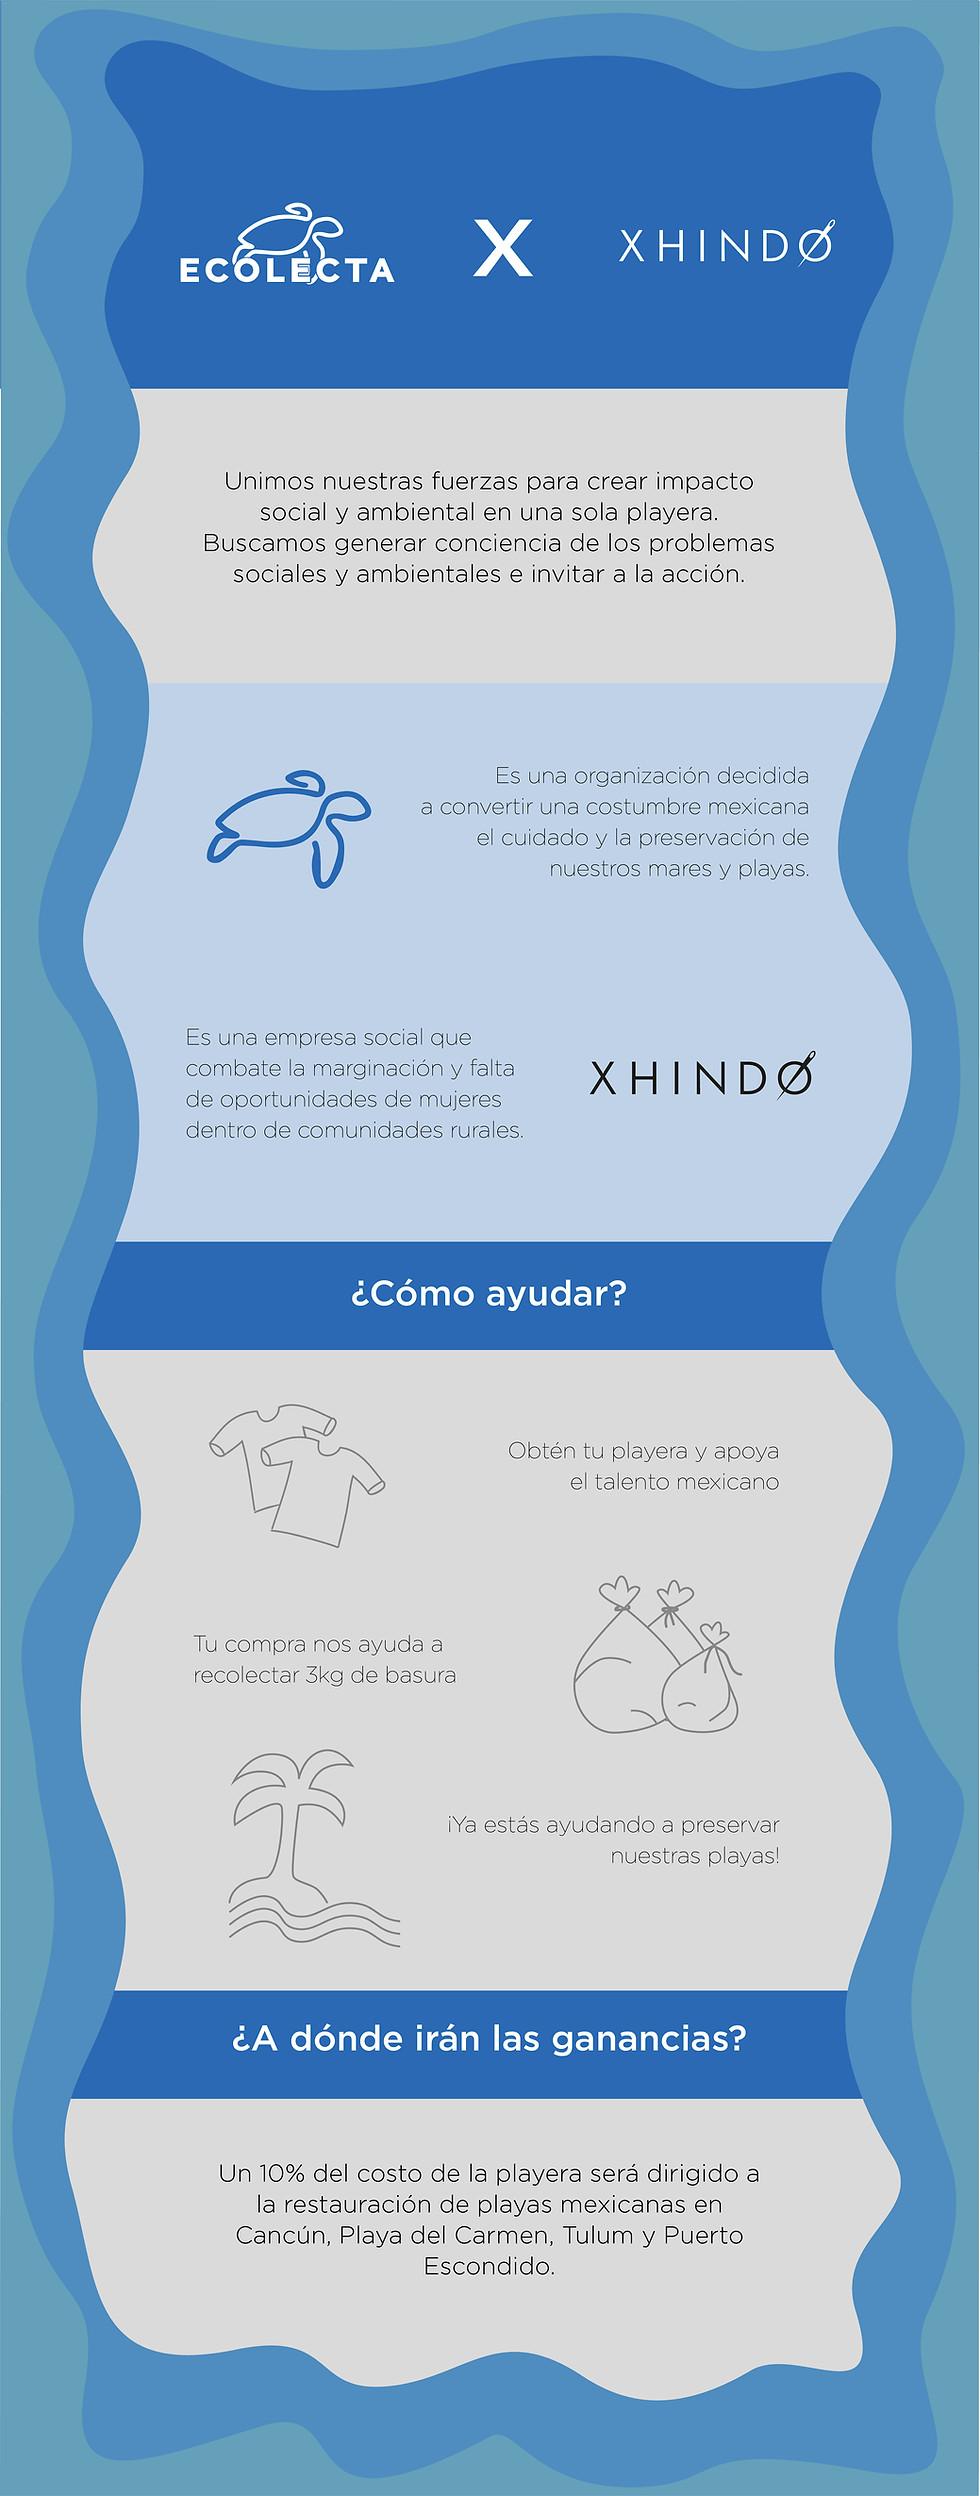 Infografia ecolecta xhindó.jpg